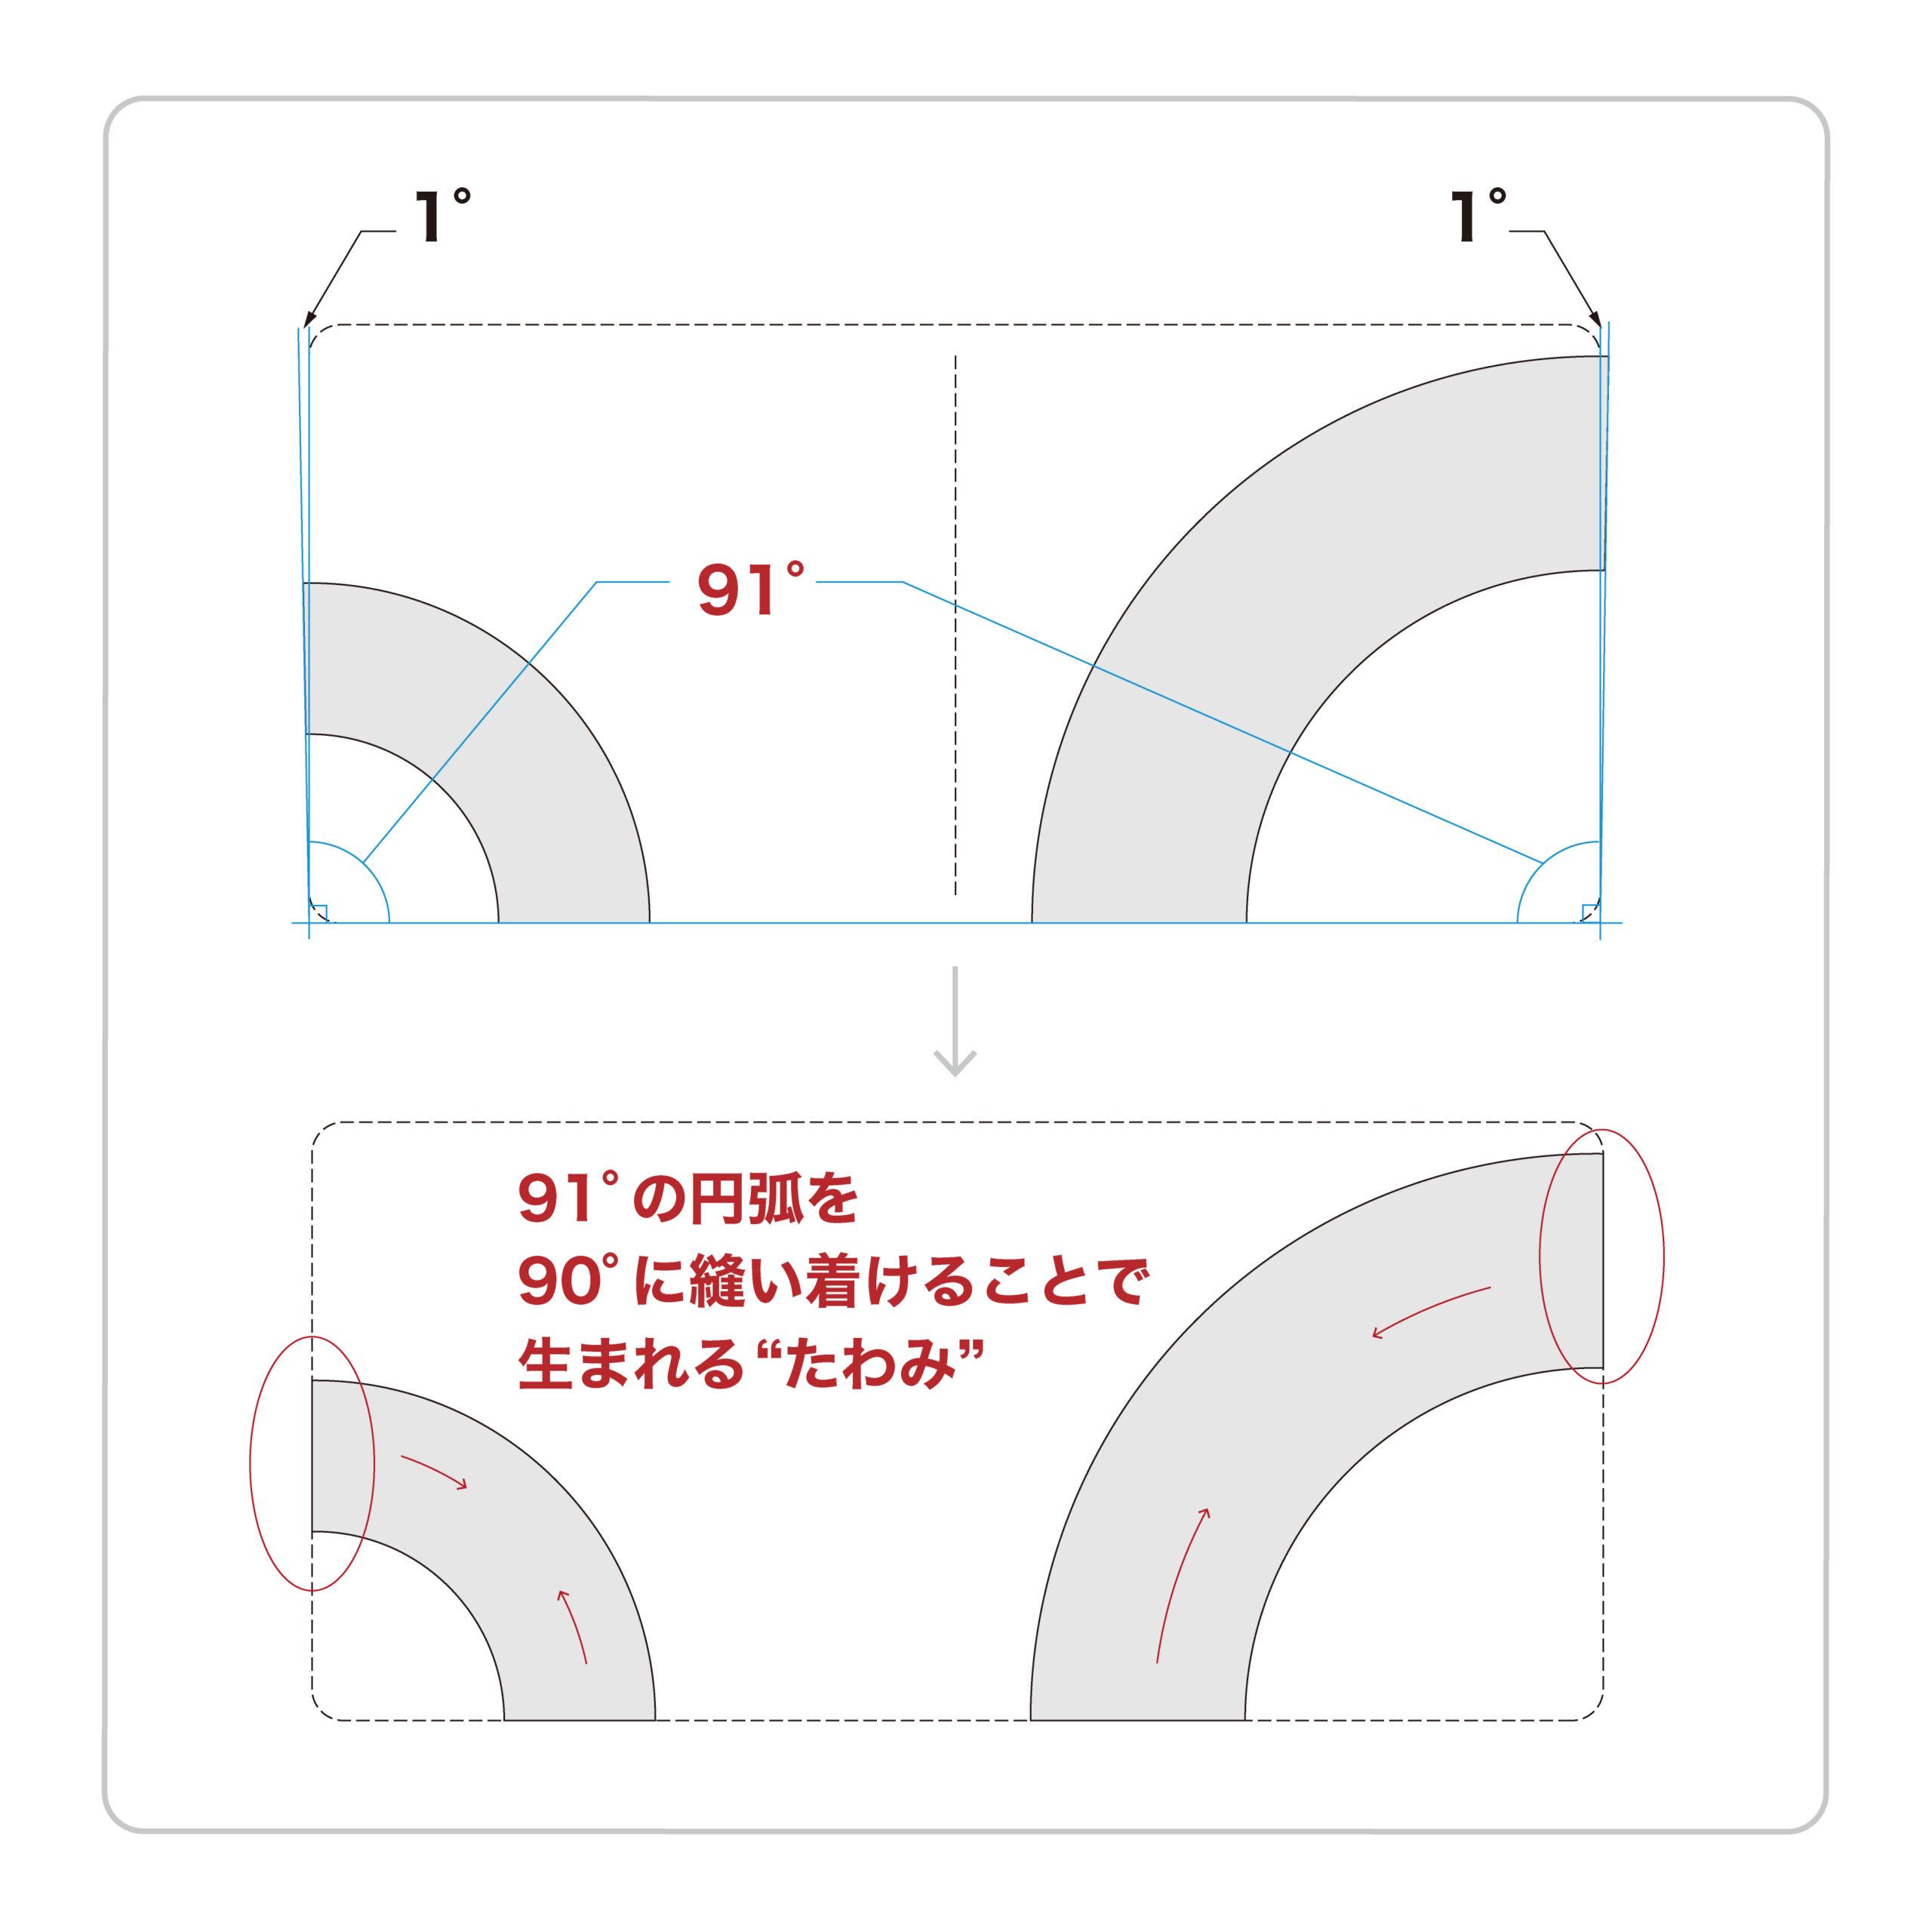 91°で生まれるたわみの説明図